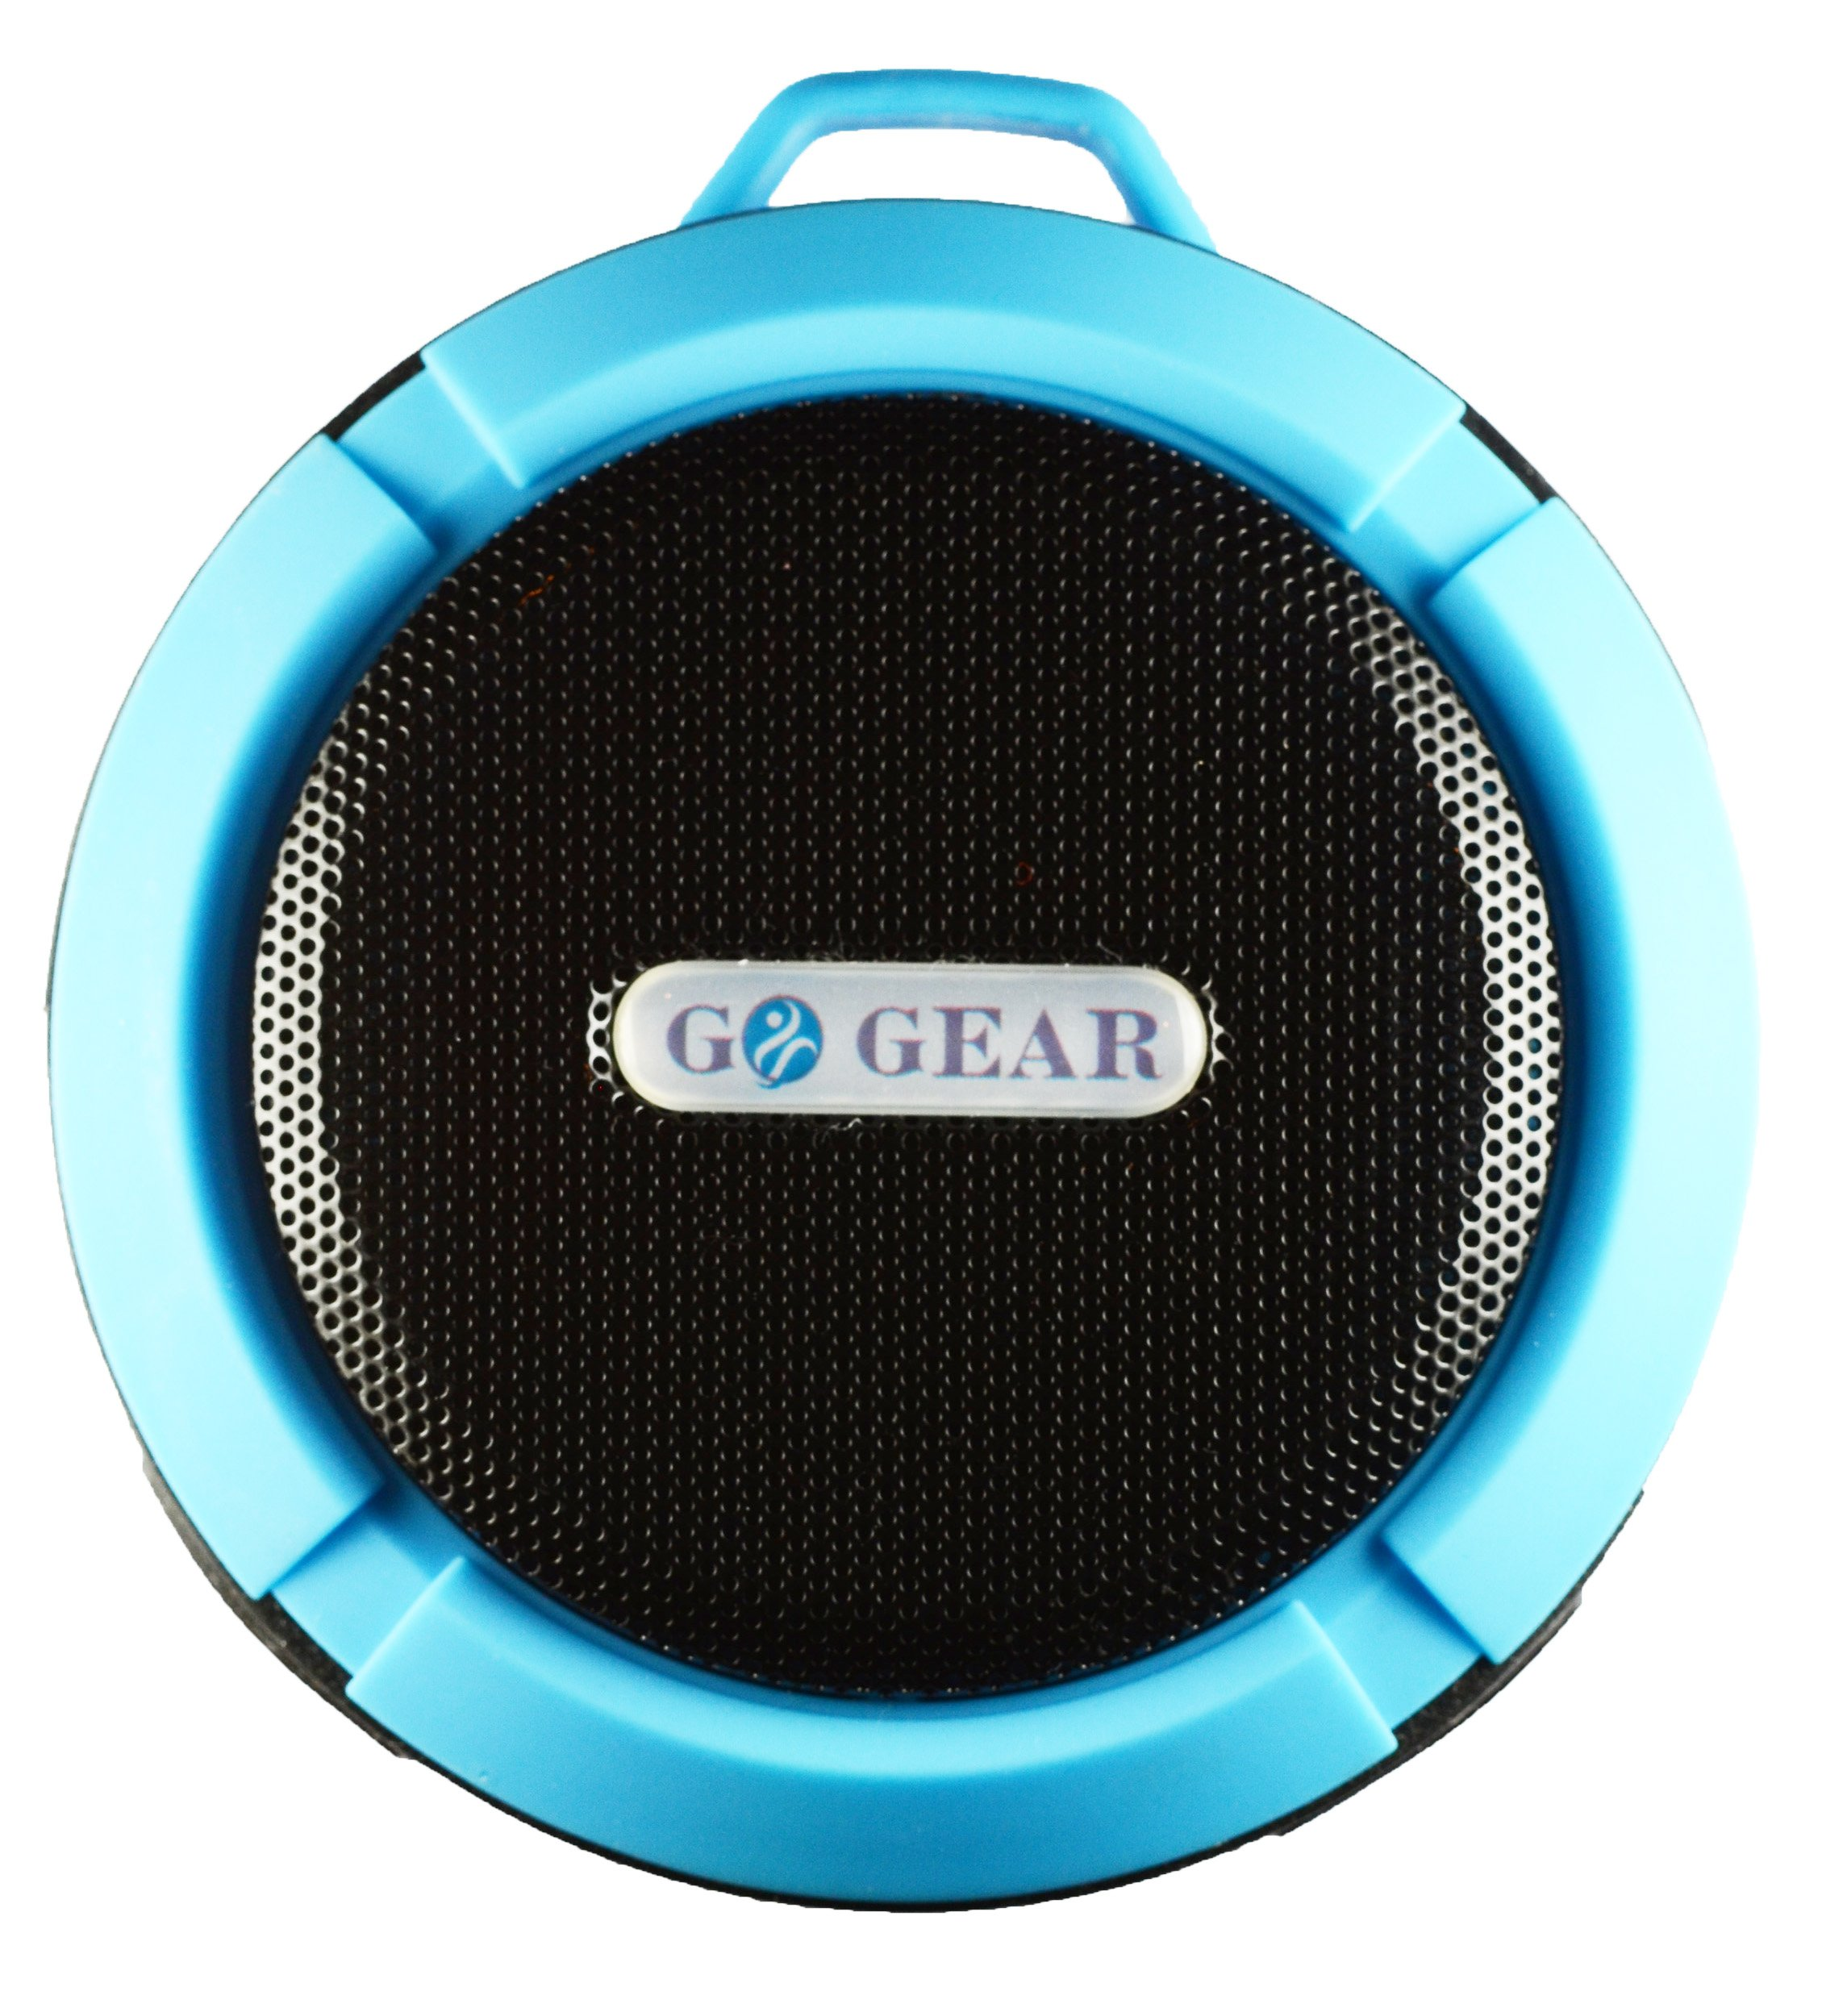 Parlante Bluetooth Wireless Waterproof 5w Waterproof Shower